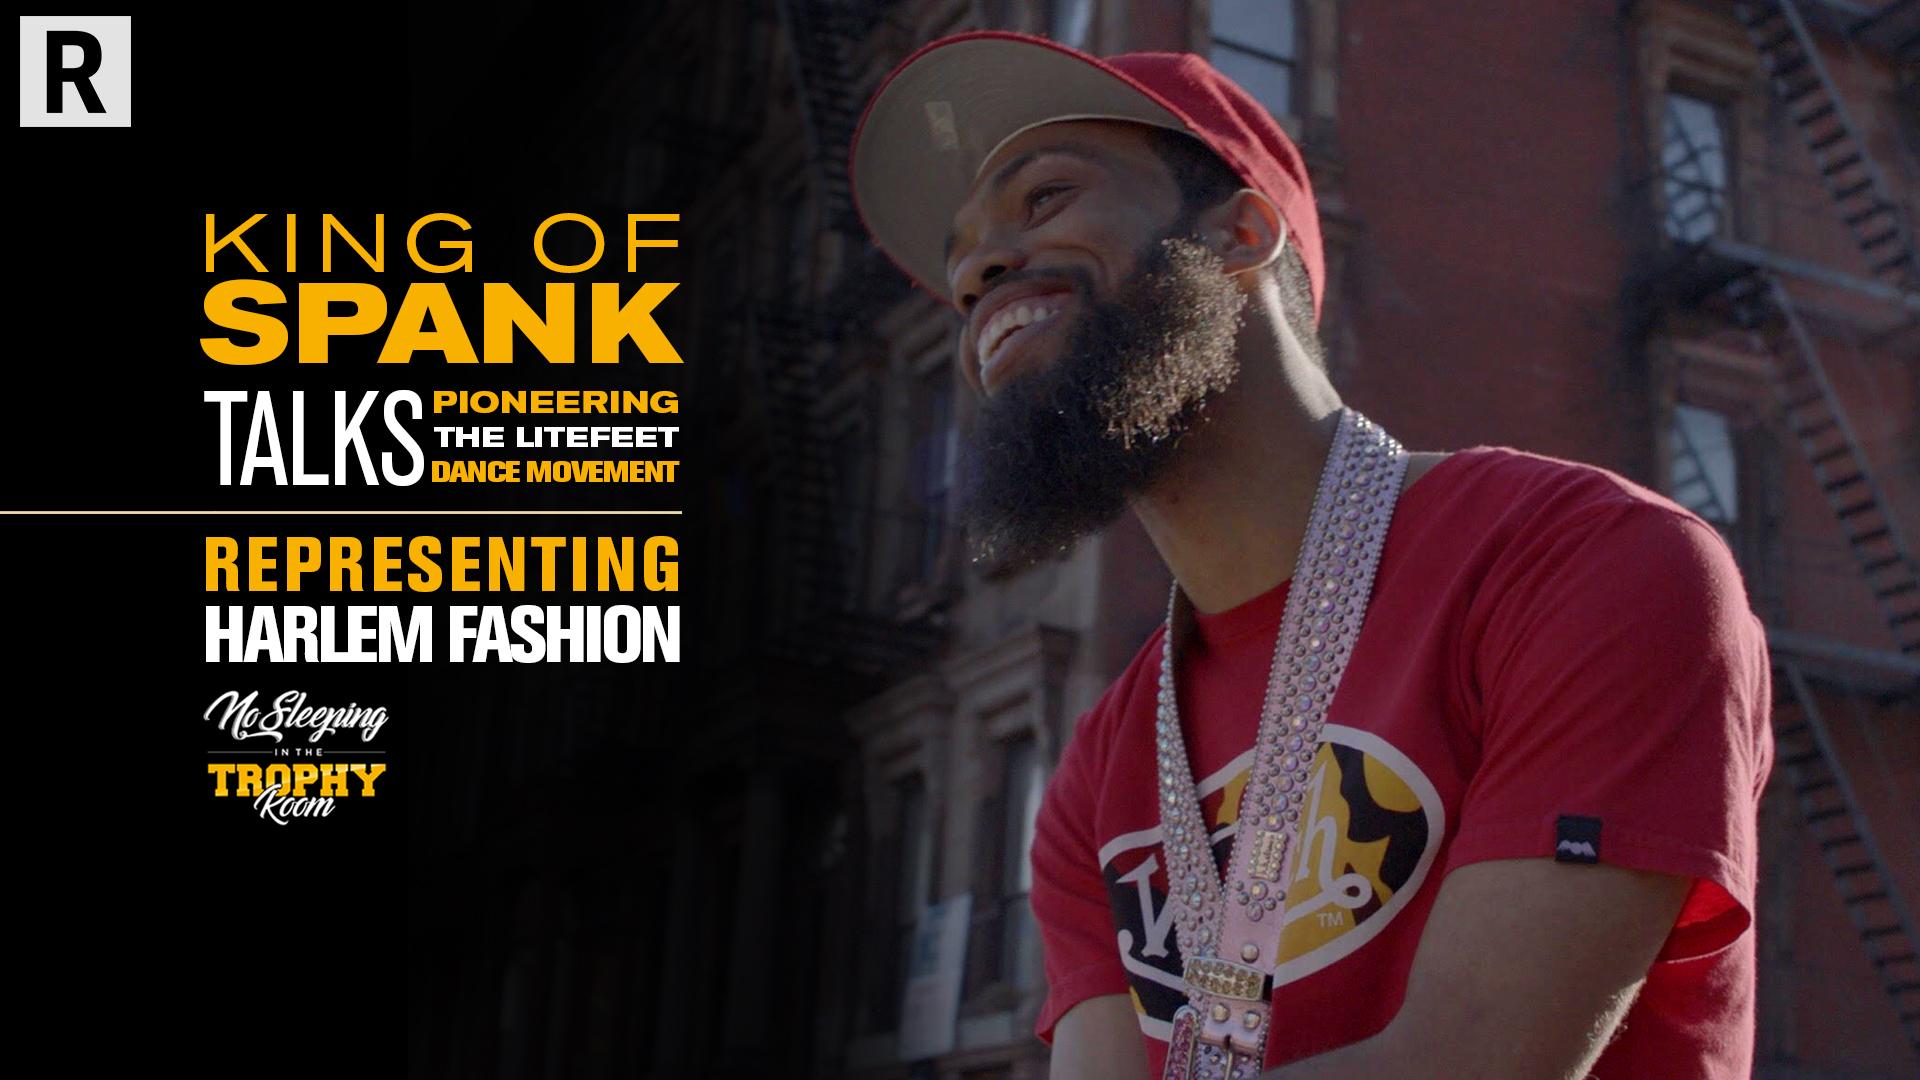 King of Spank